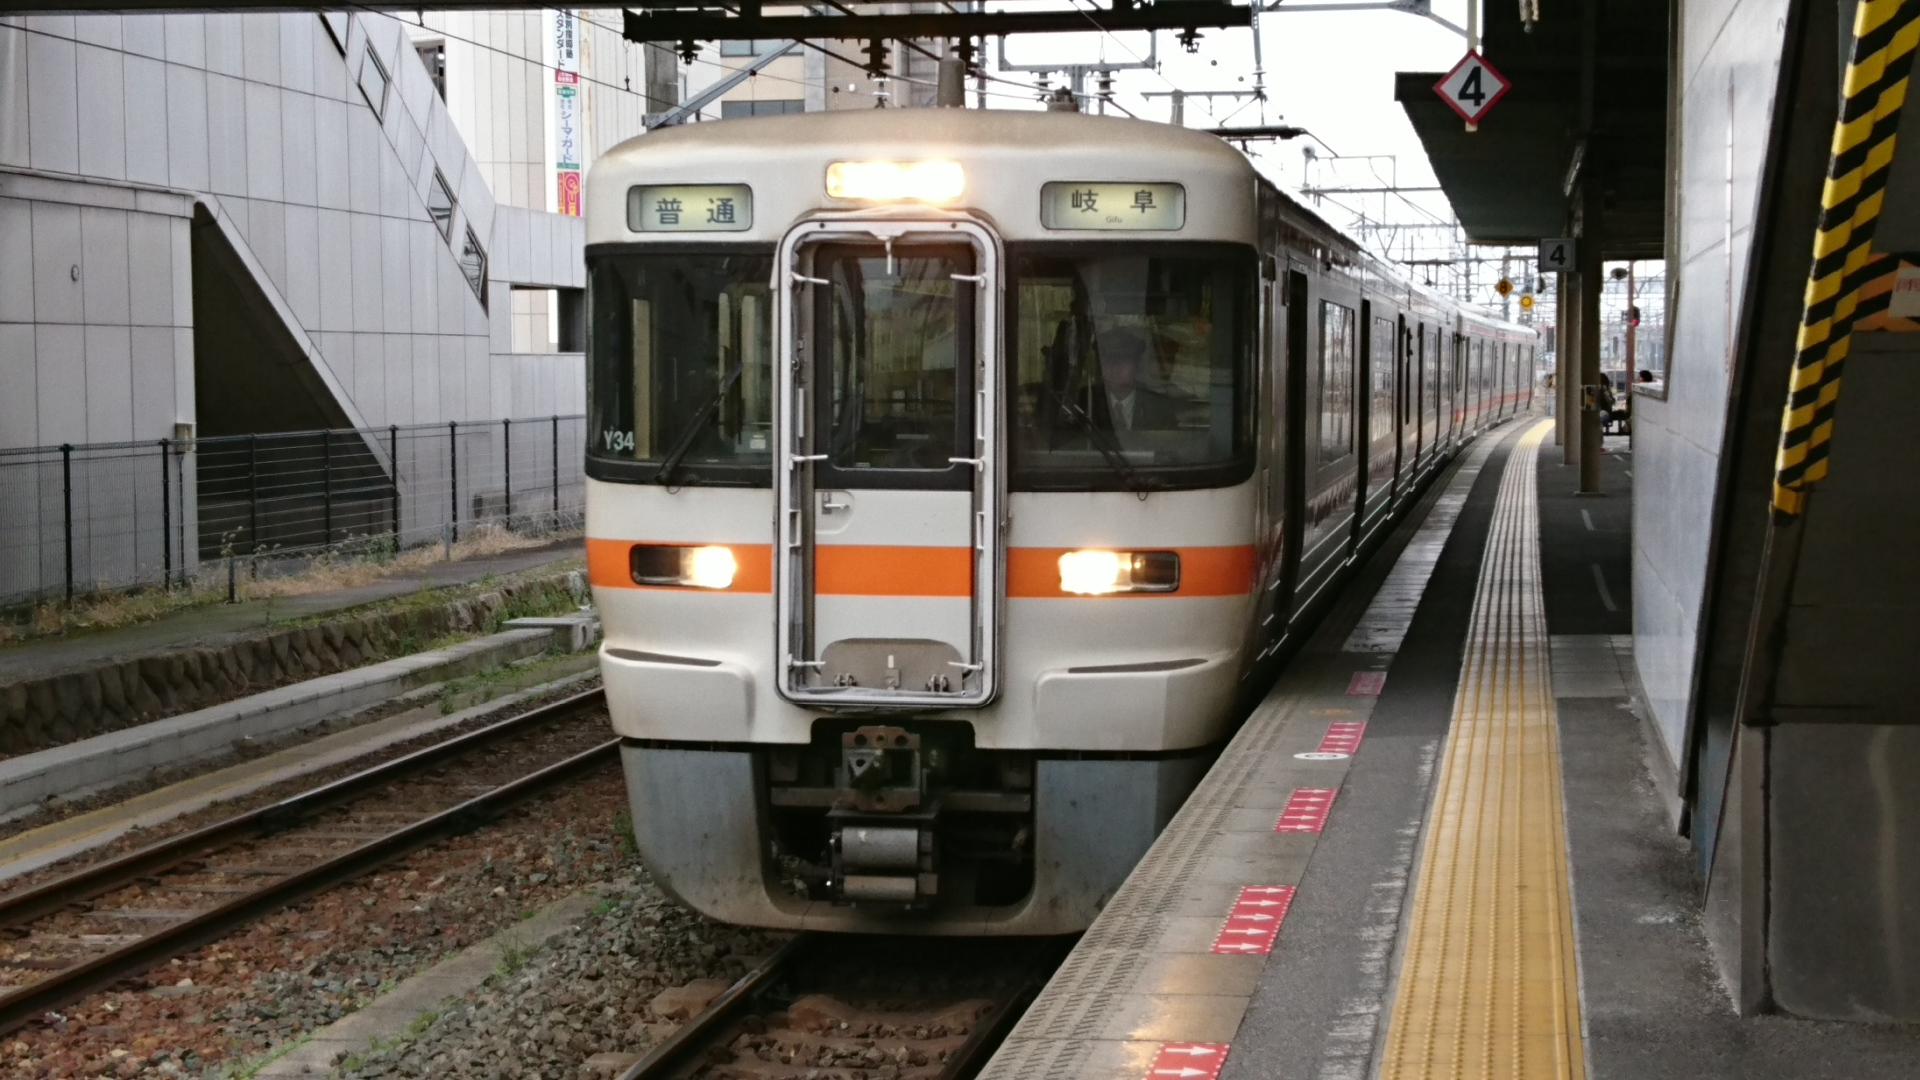 2017.3.25 東海道線 (3) 岡崎 - 岐阜いきふつう 1920-1080